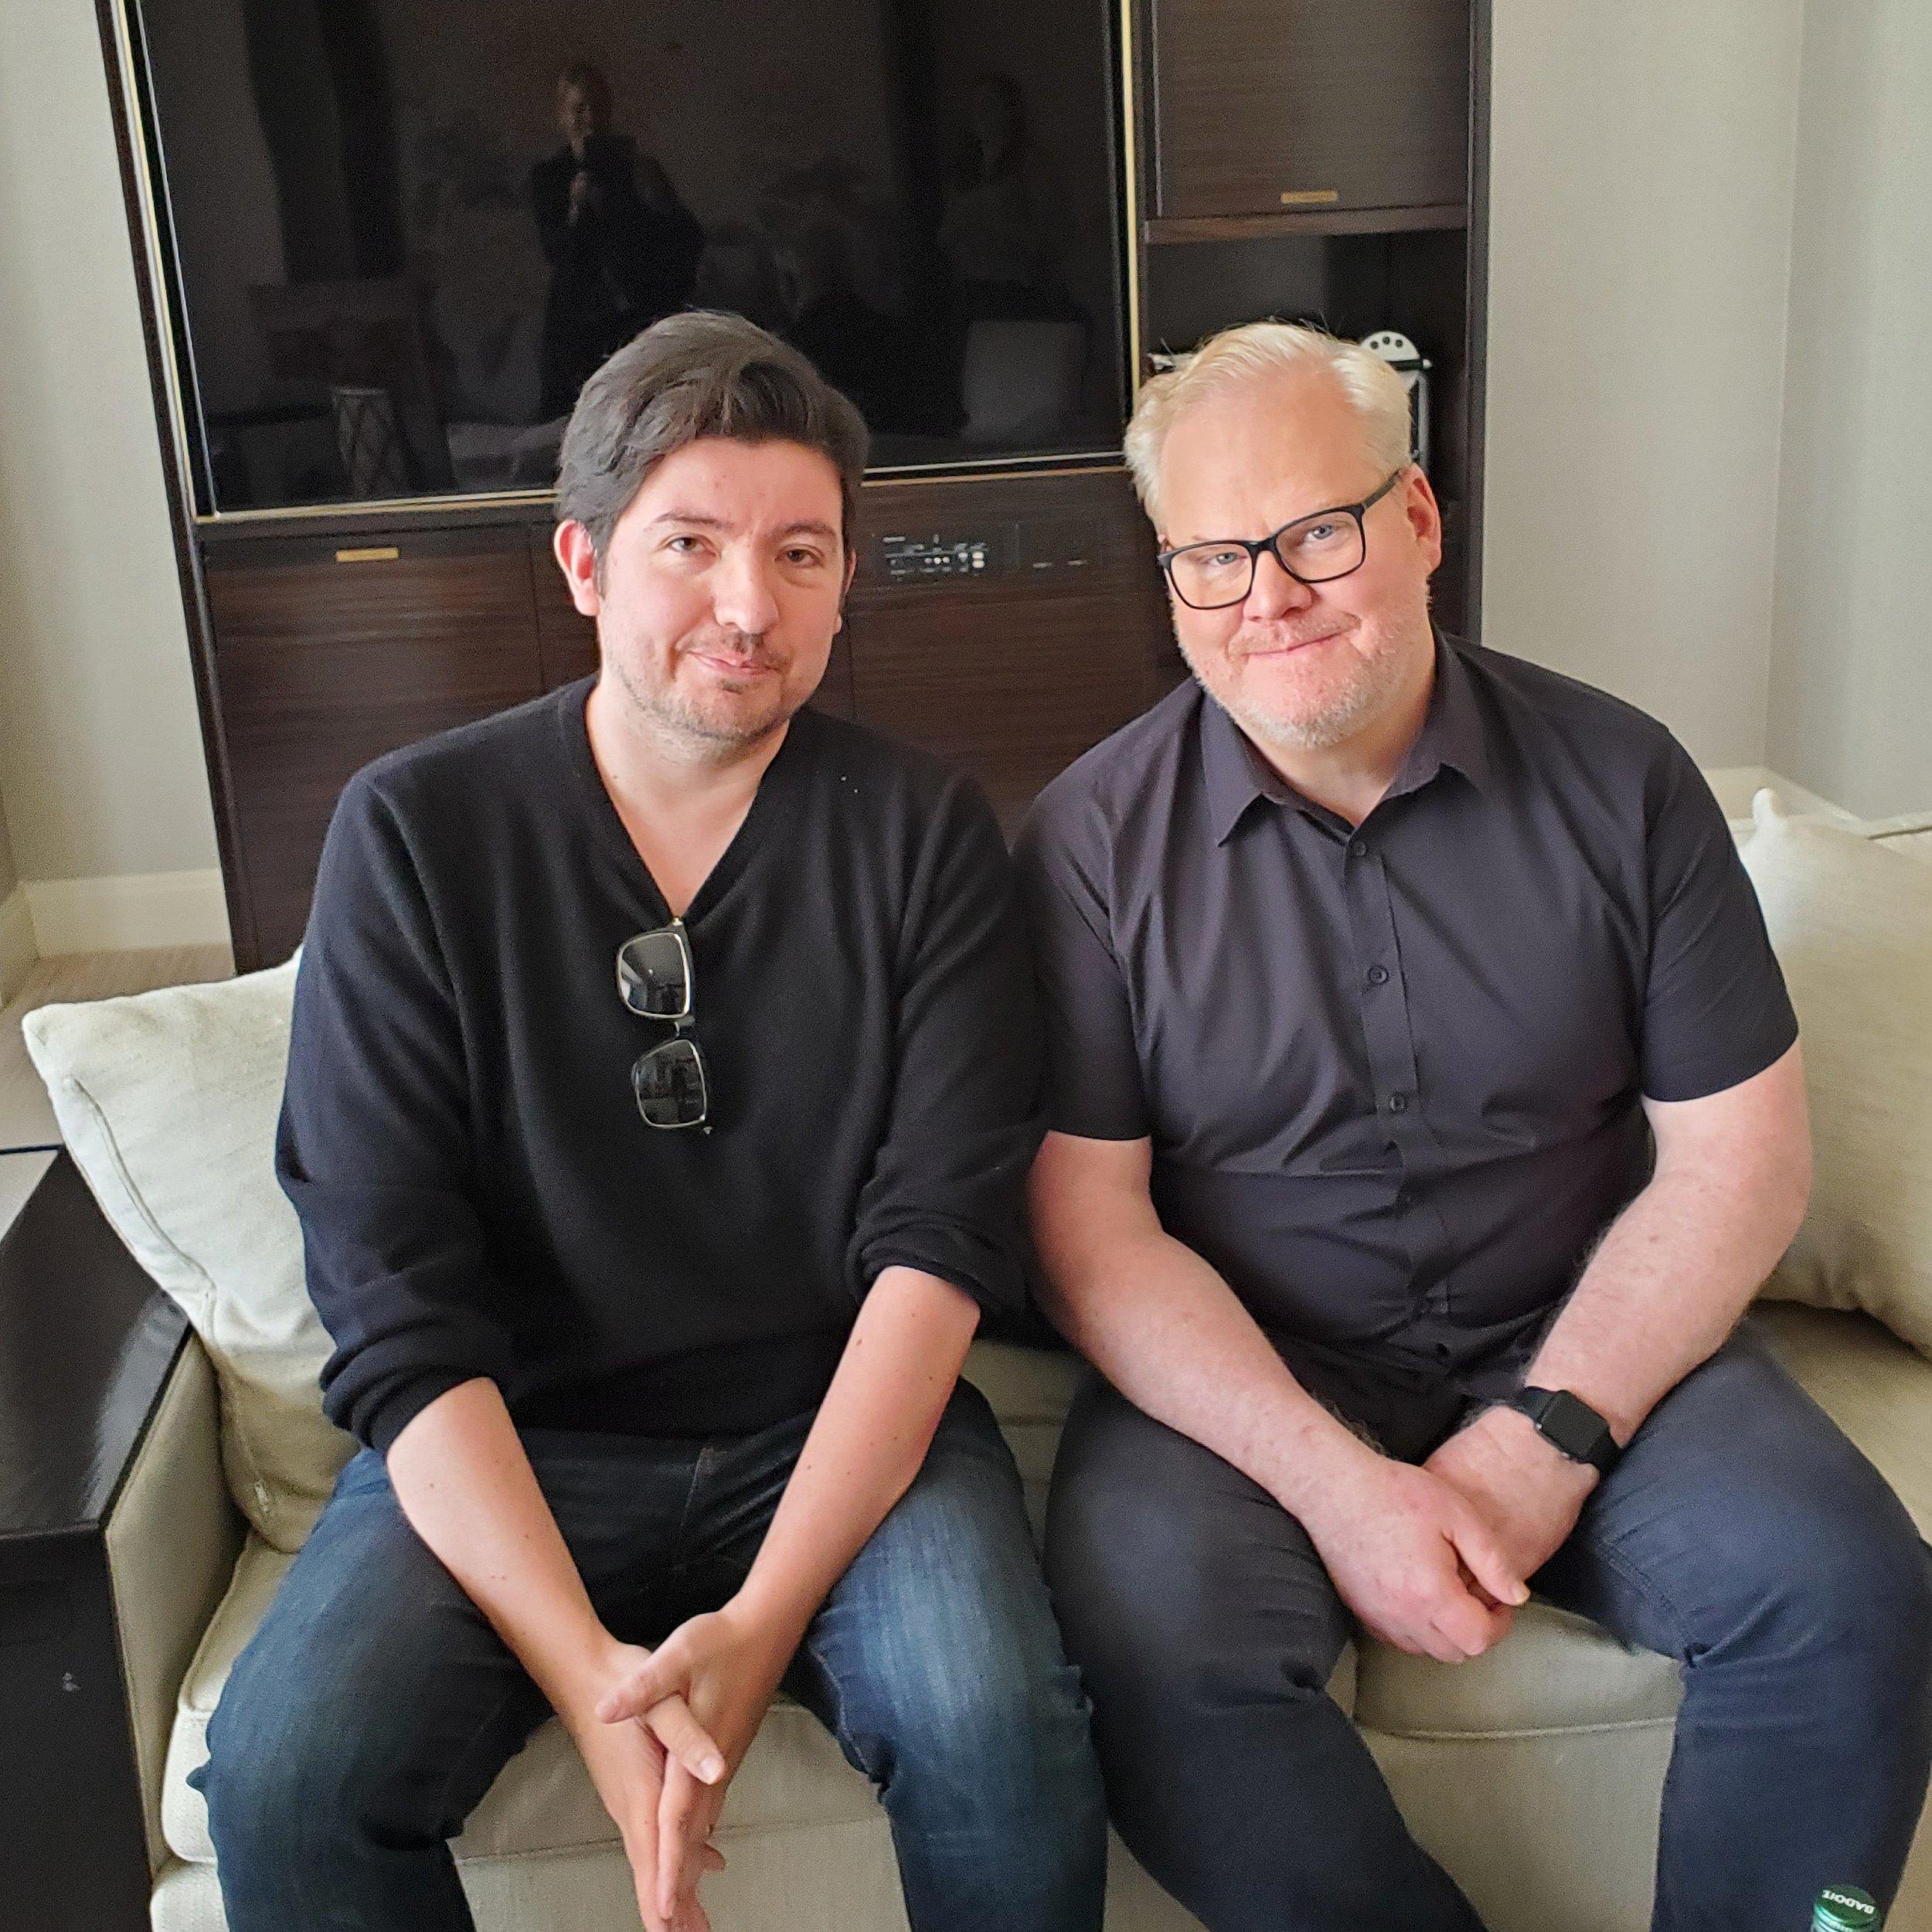 WDCB's Gary Zidek and Jim Gaffigan